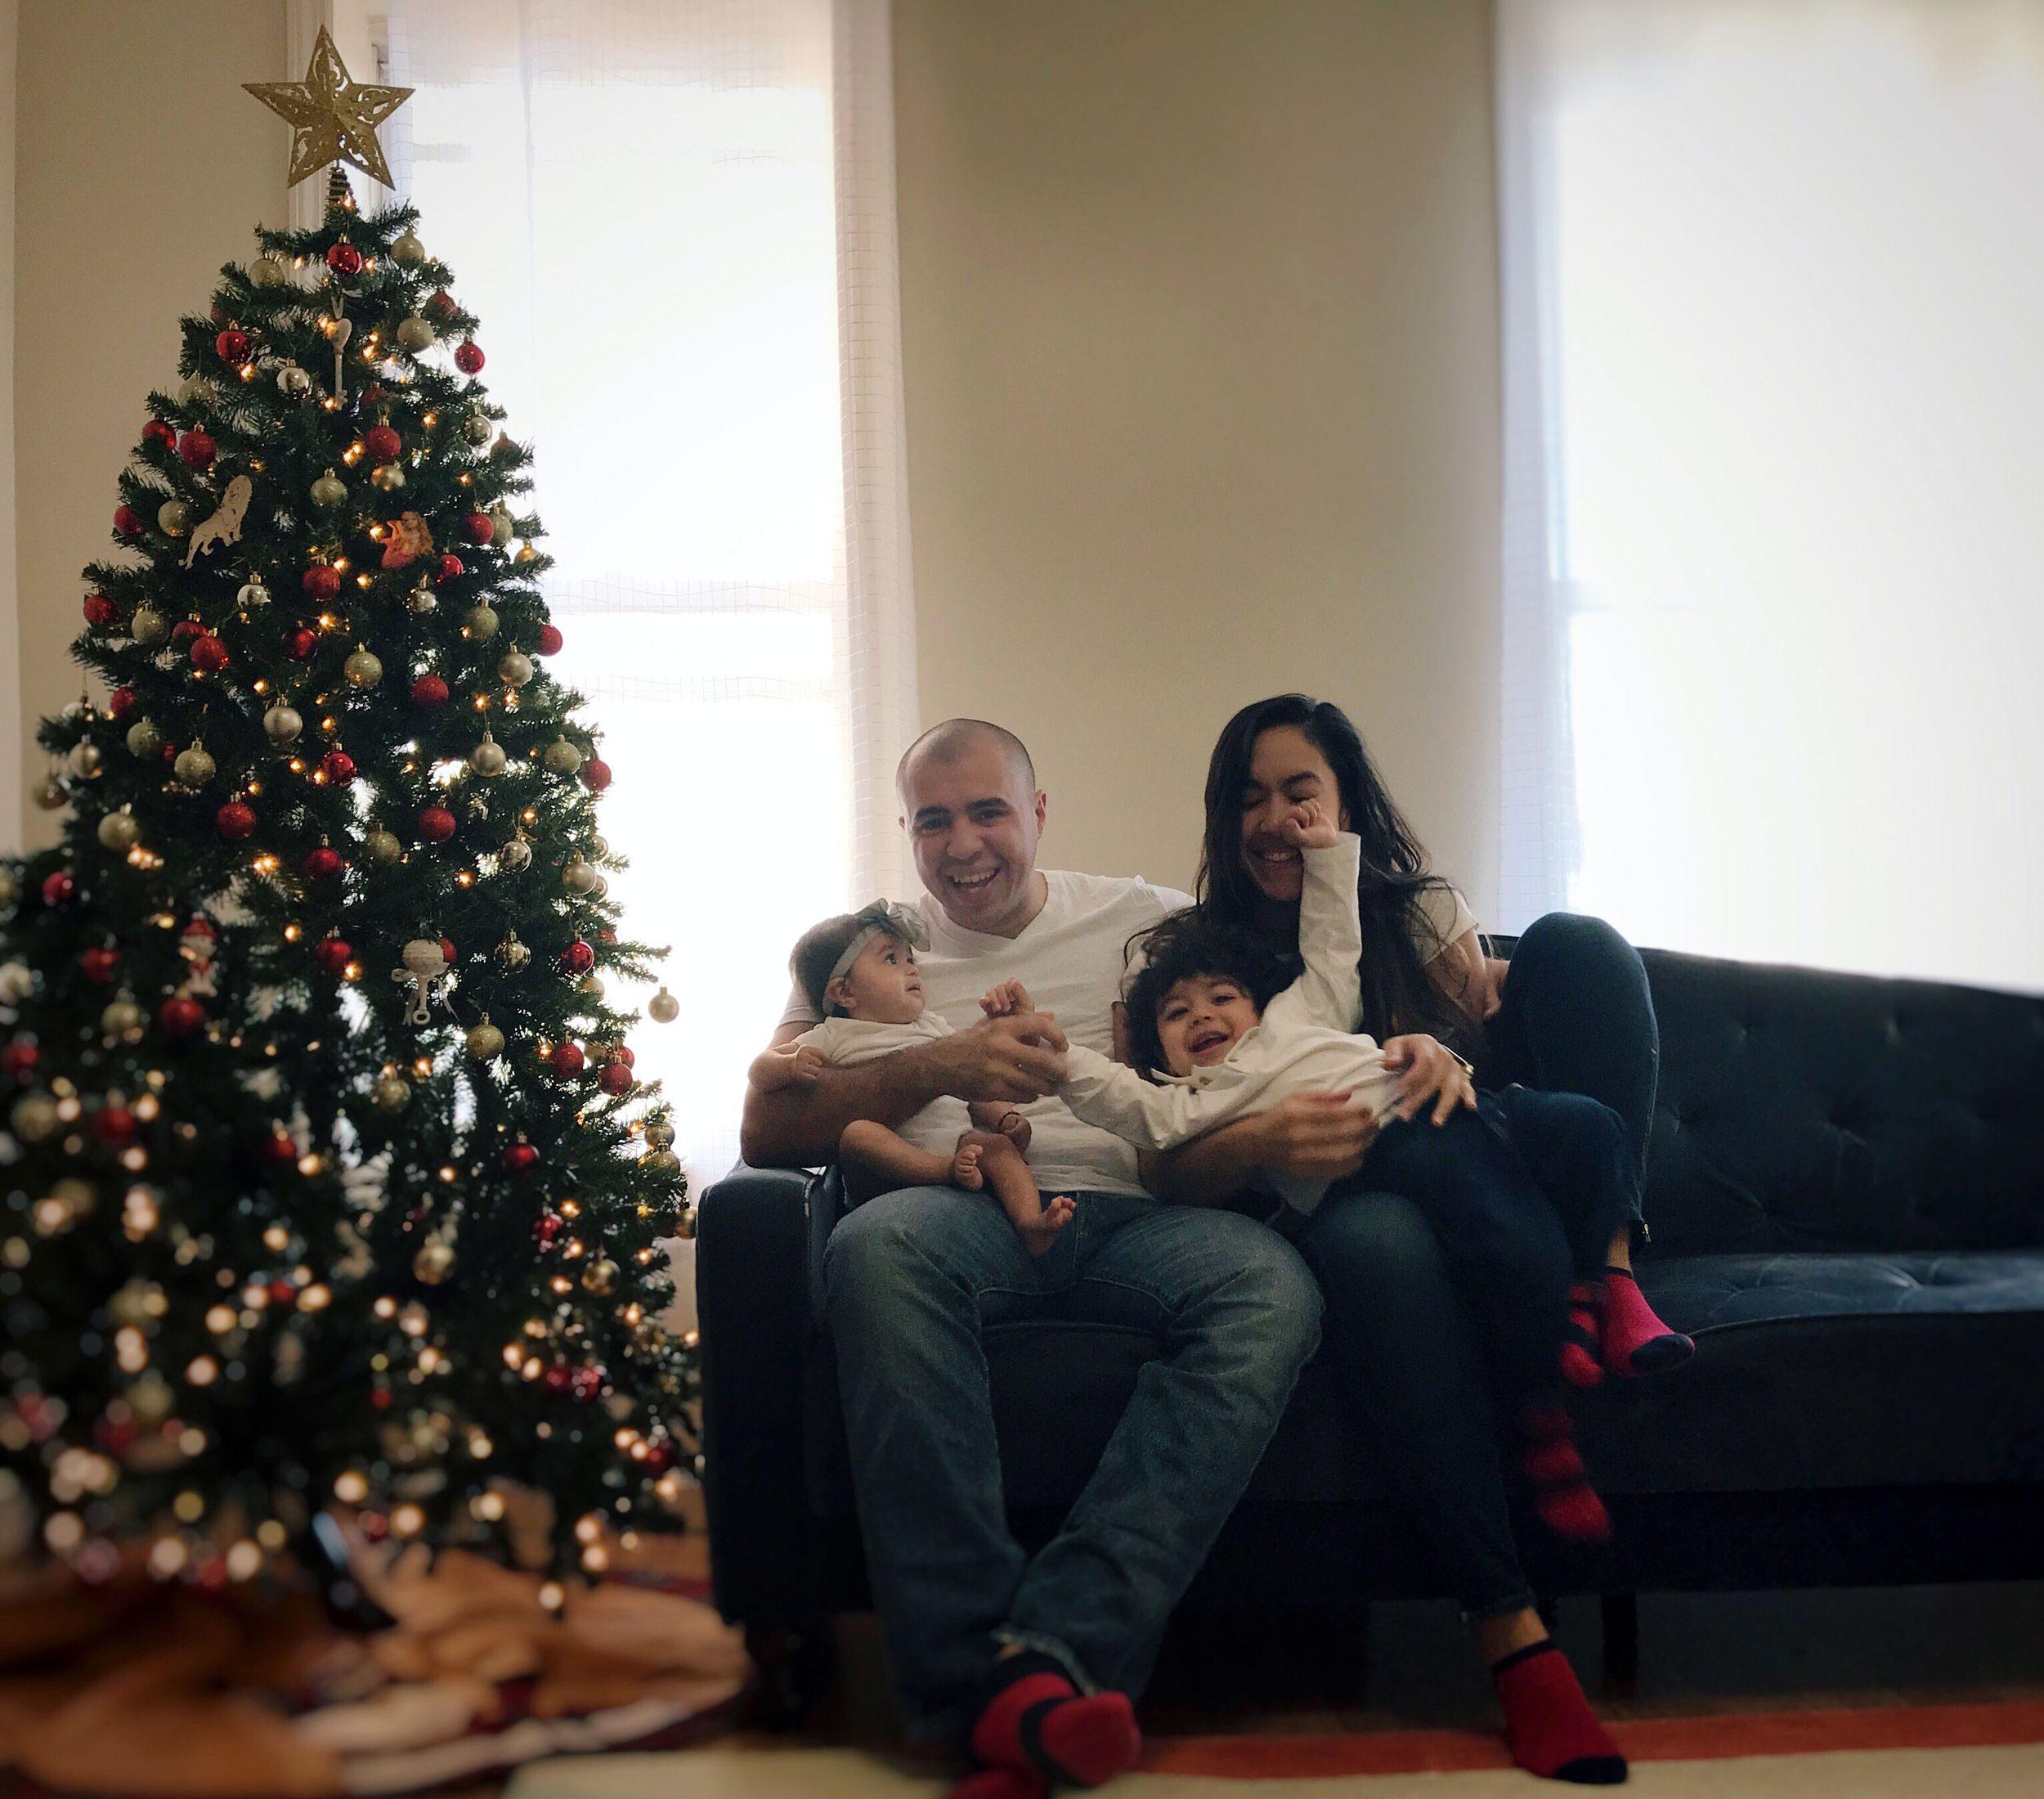 Family Christmas Card Photo Ideas